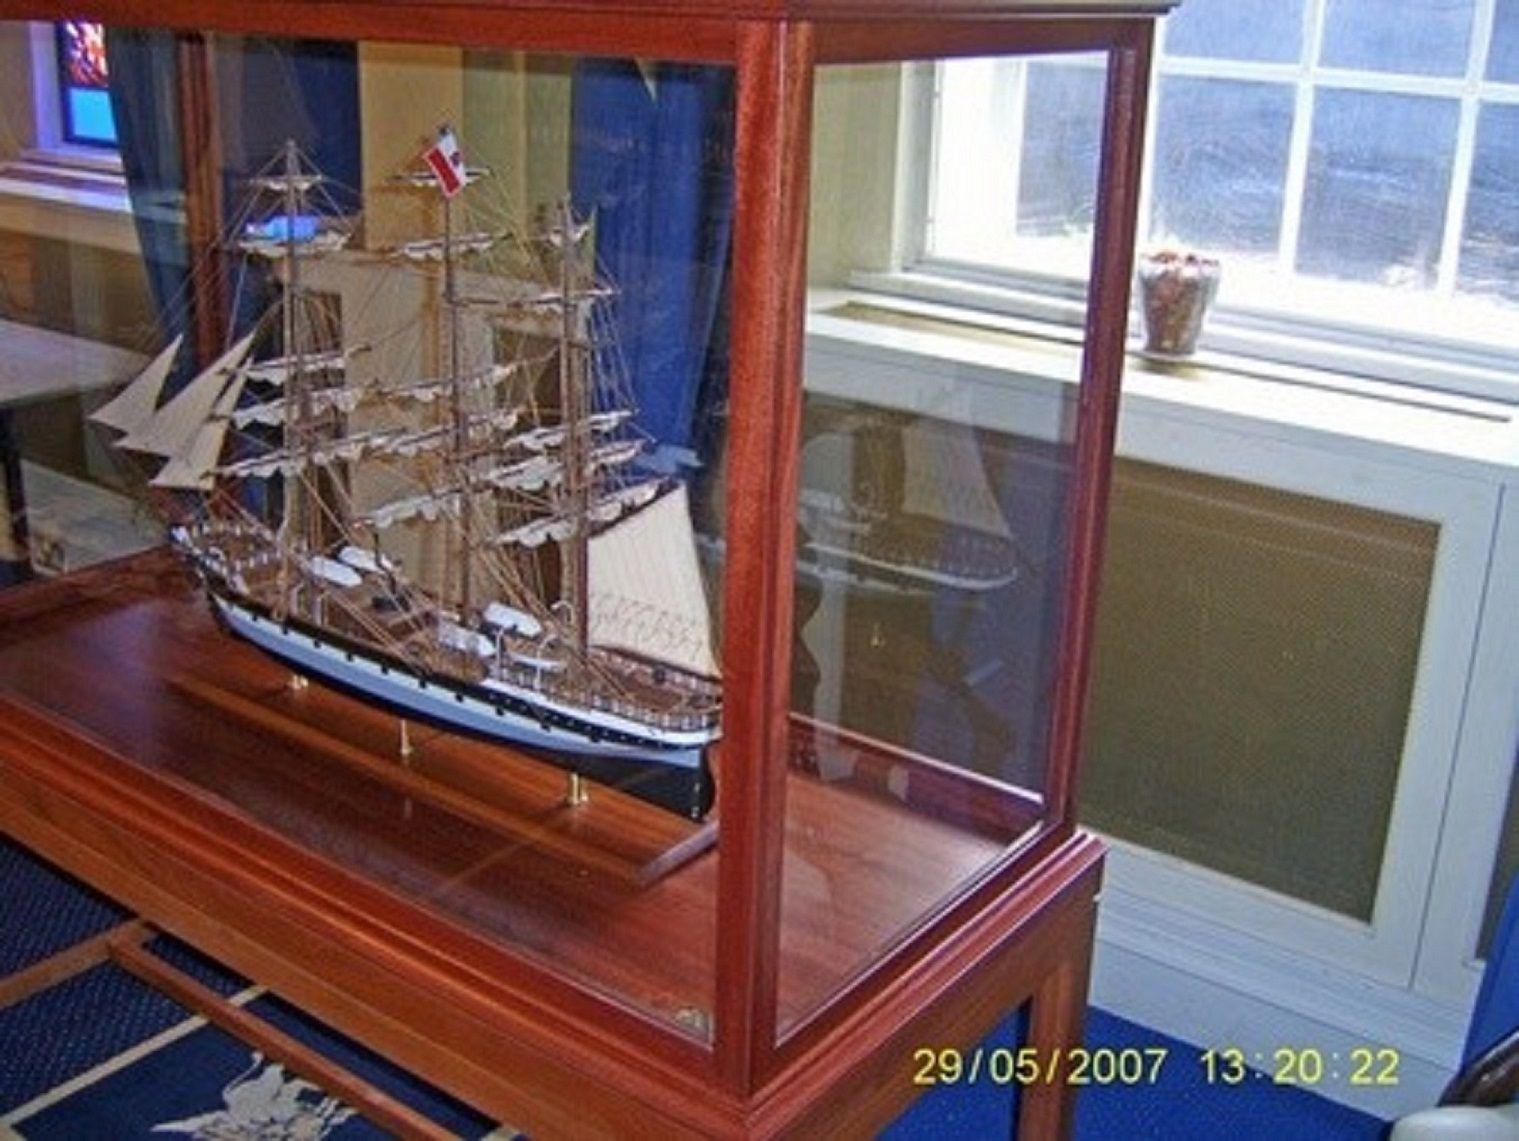 573-7236-Dunedin-Model-Ship-Premier-Range